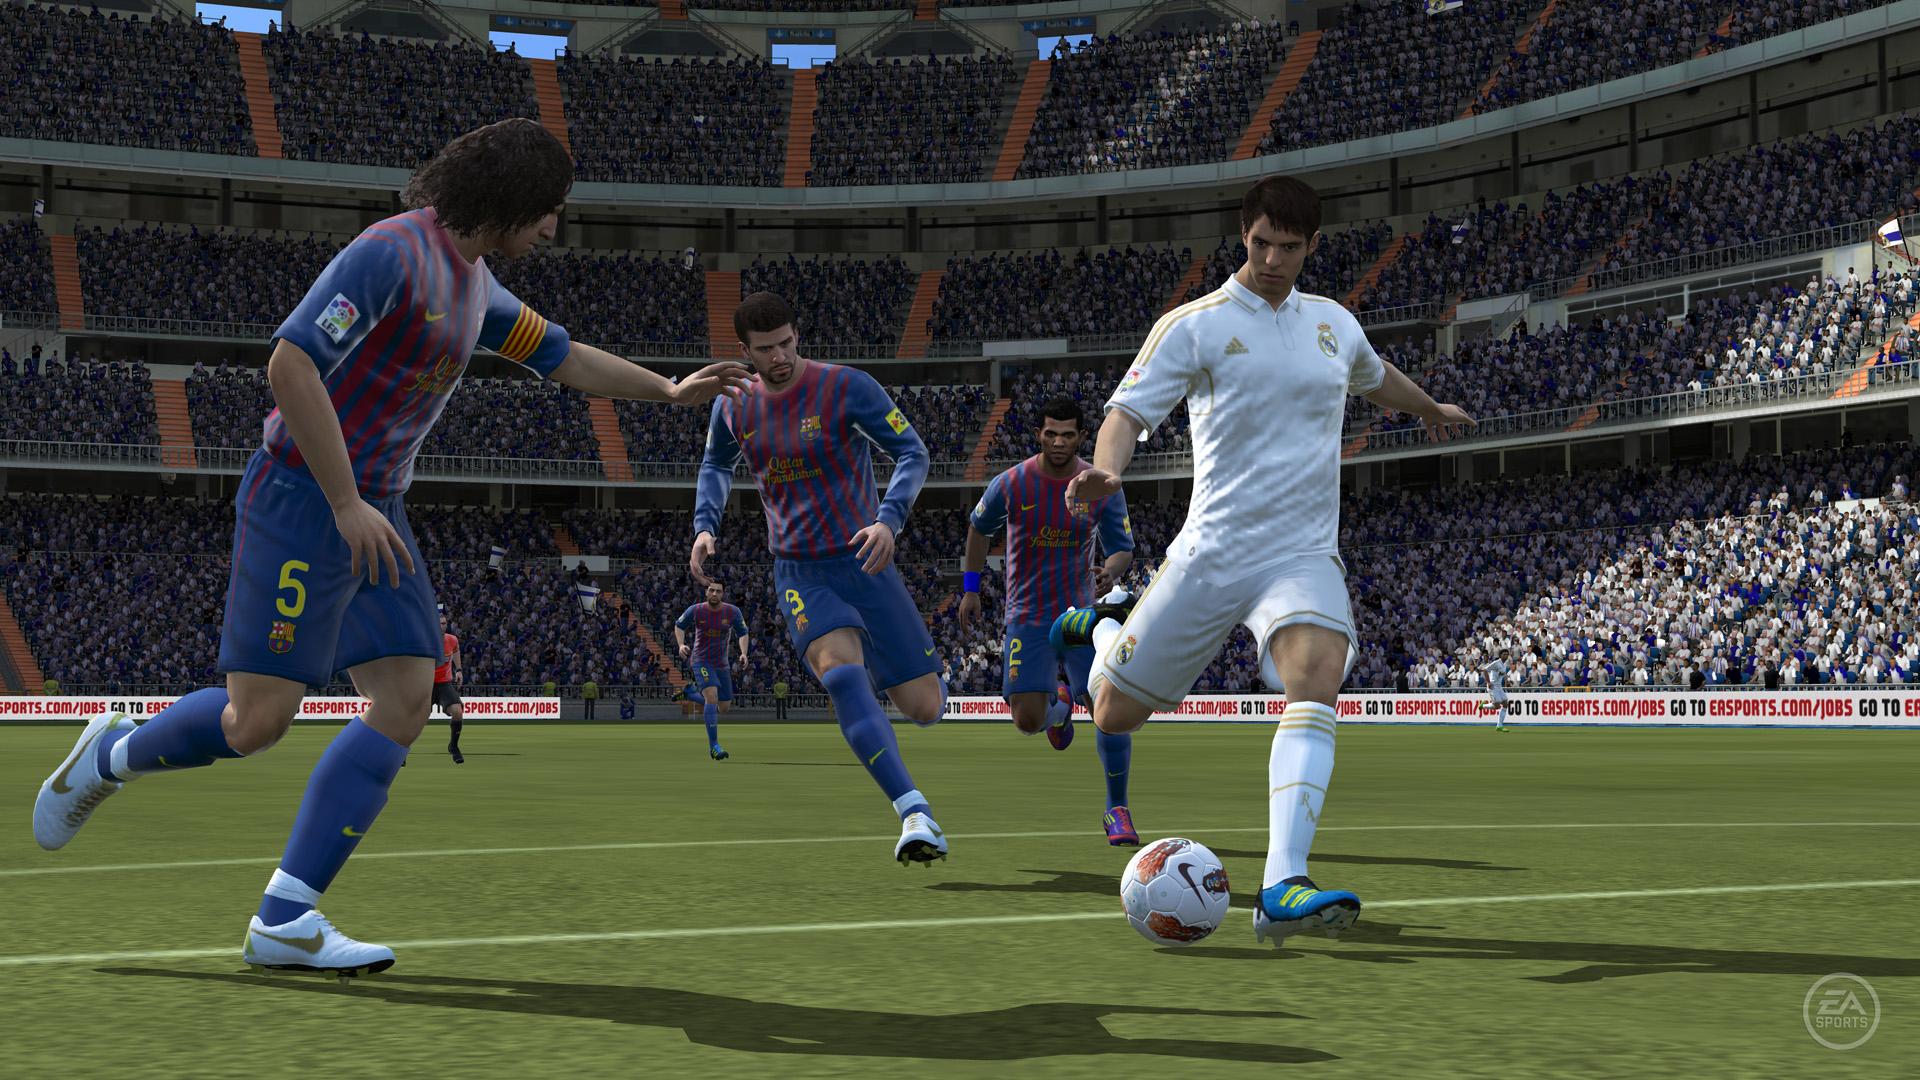 Voilà longtemps qu'Electronic Arts a arrêté d'actualiser FIFA sur Vita, on vous conseille donc de vous tourner vers la dernière version en date.